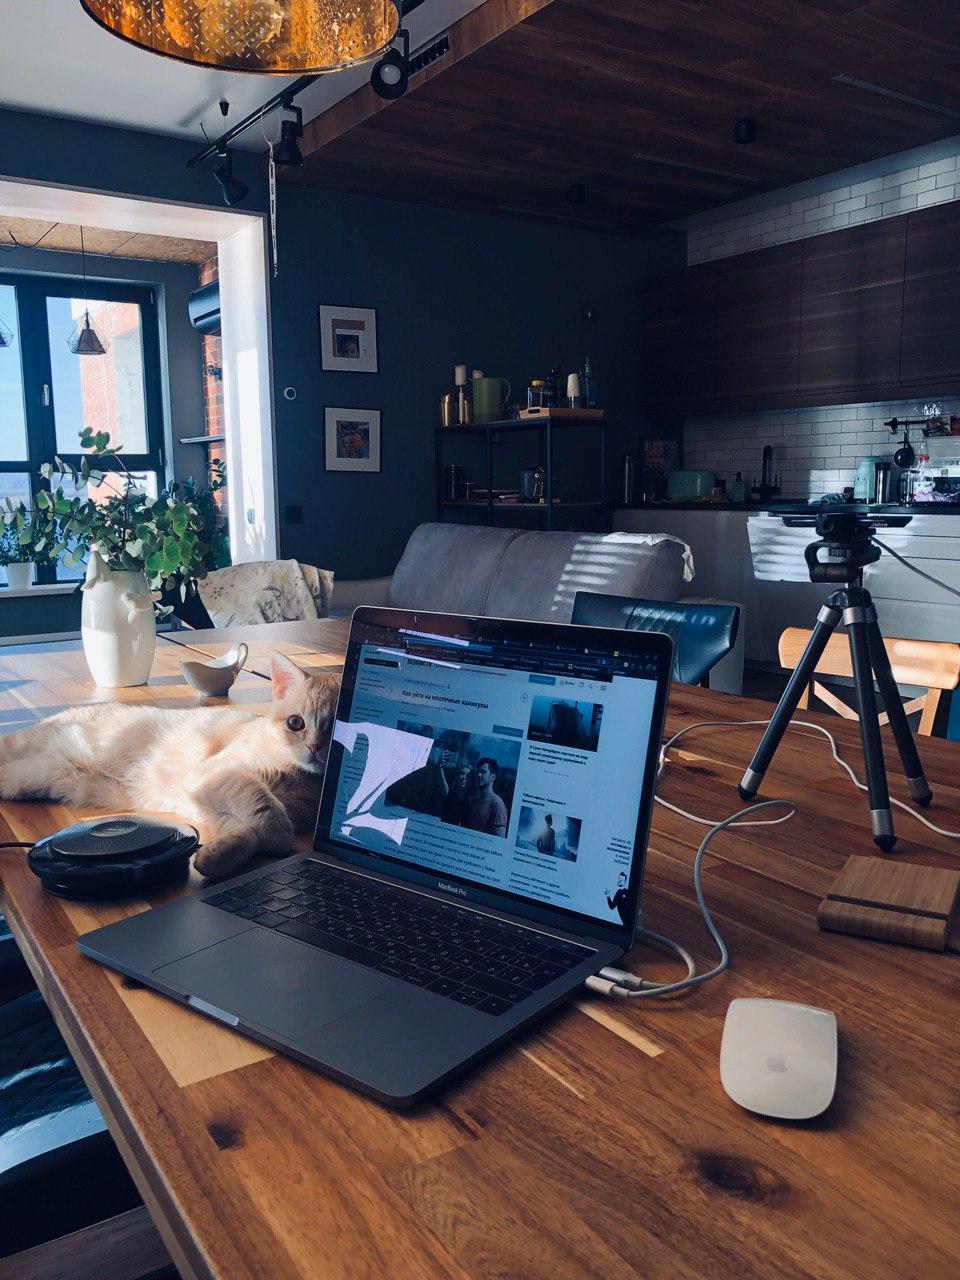 Собрал на Jabra Panacast комбайн для видеоконференций, плюс и минусы для офиса и дома — IT-МИР. ПОМОЩЬ В IT-МИРЕ 2020